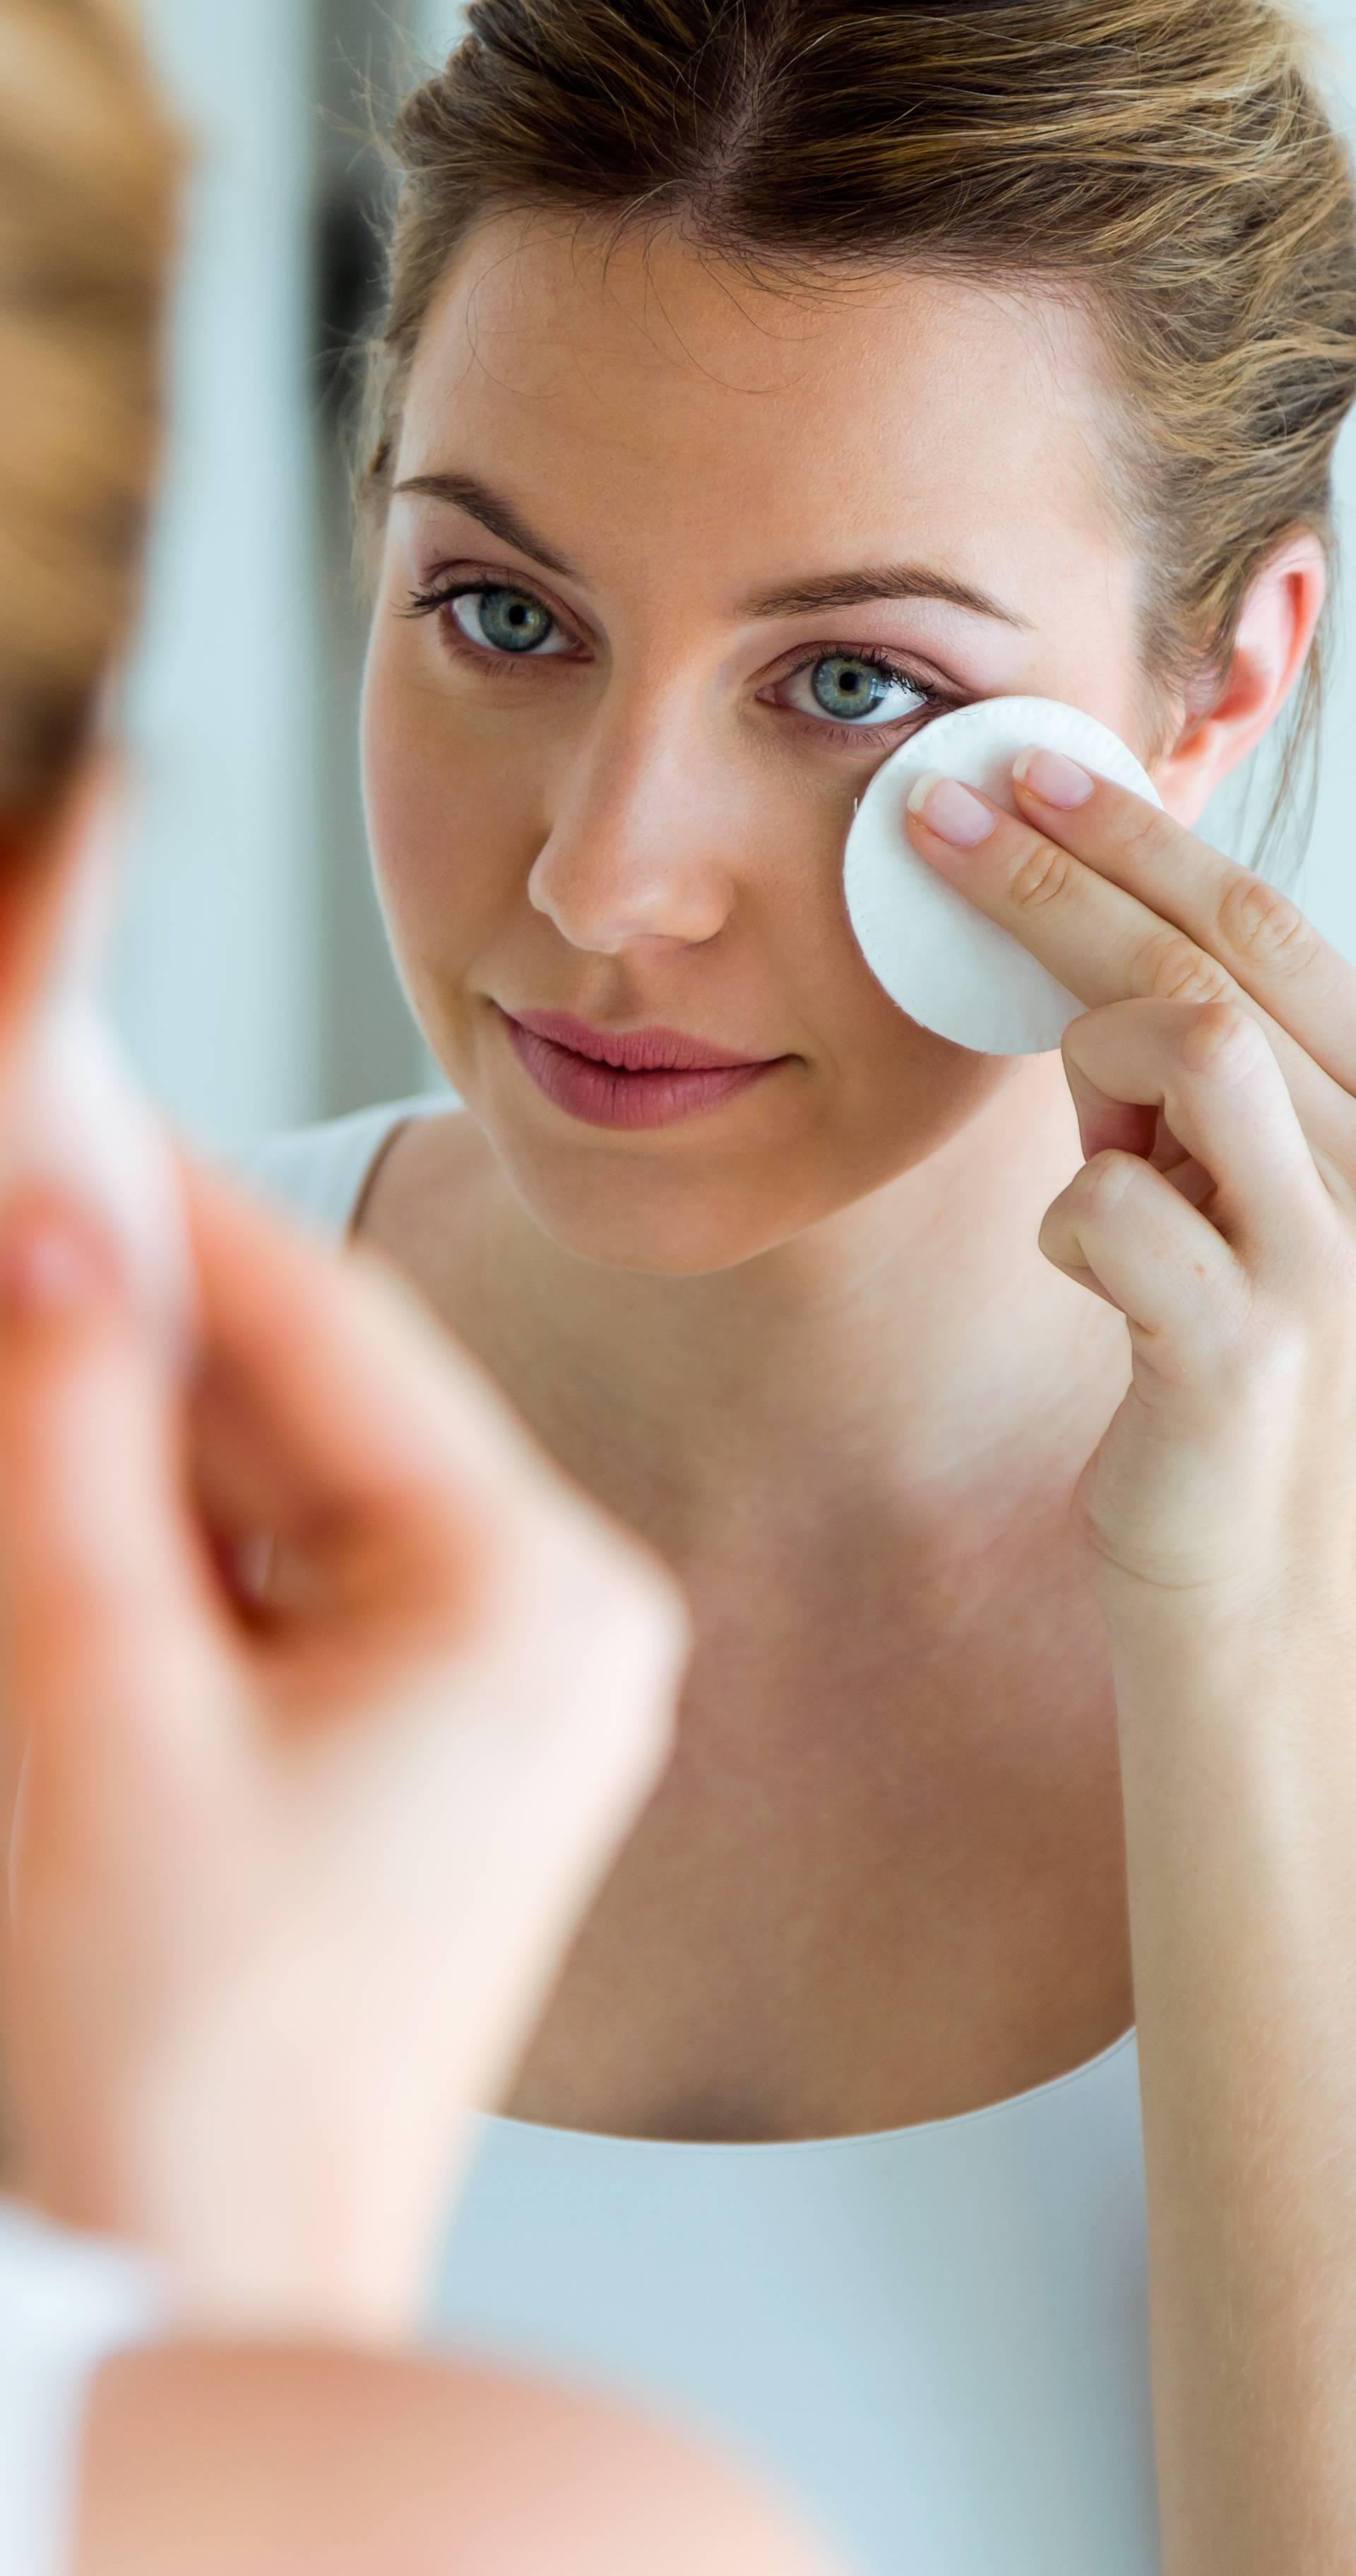 Večernje čišćenje kože osnovni je preduvjet za kožu bez akni